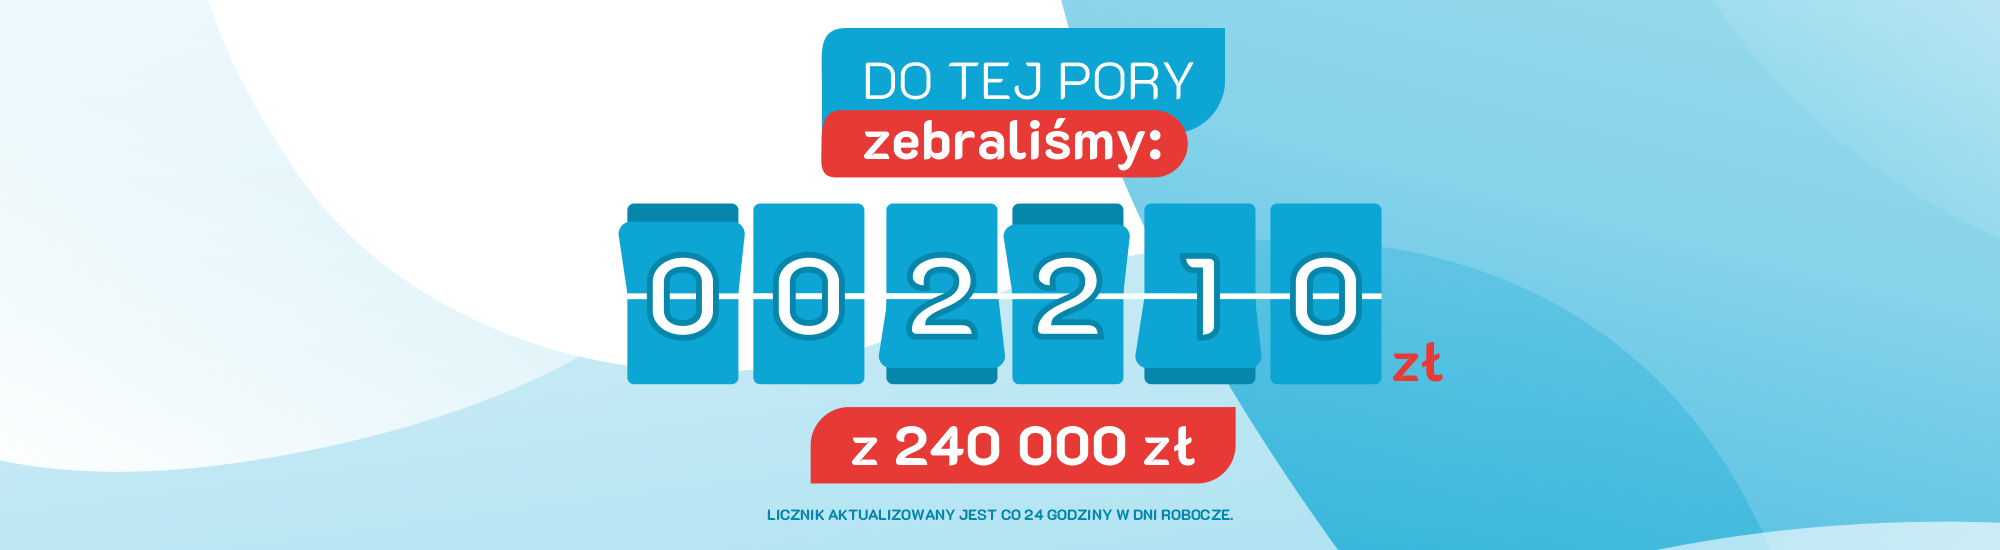 Zebraliśmy już 2210 PLN